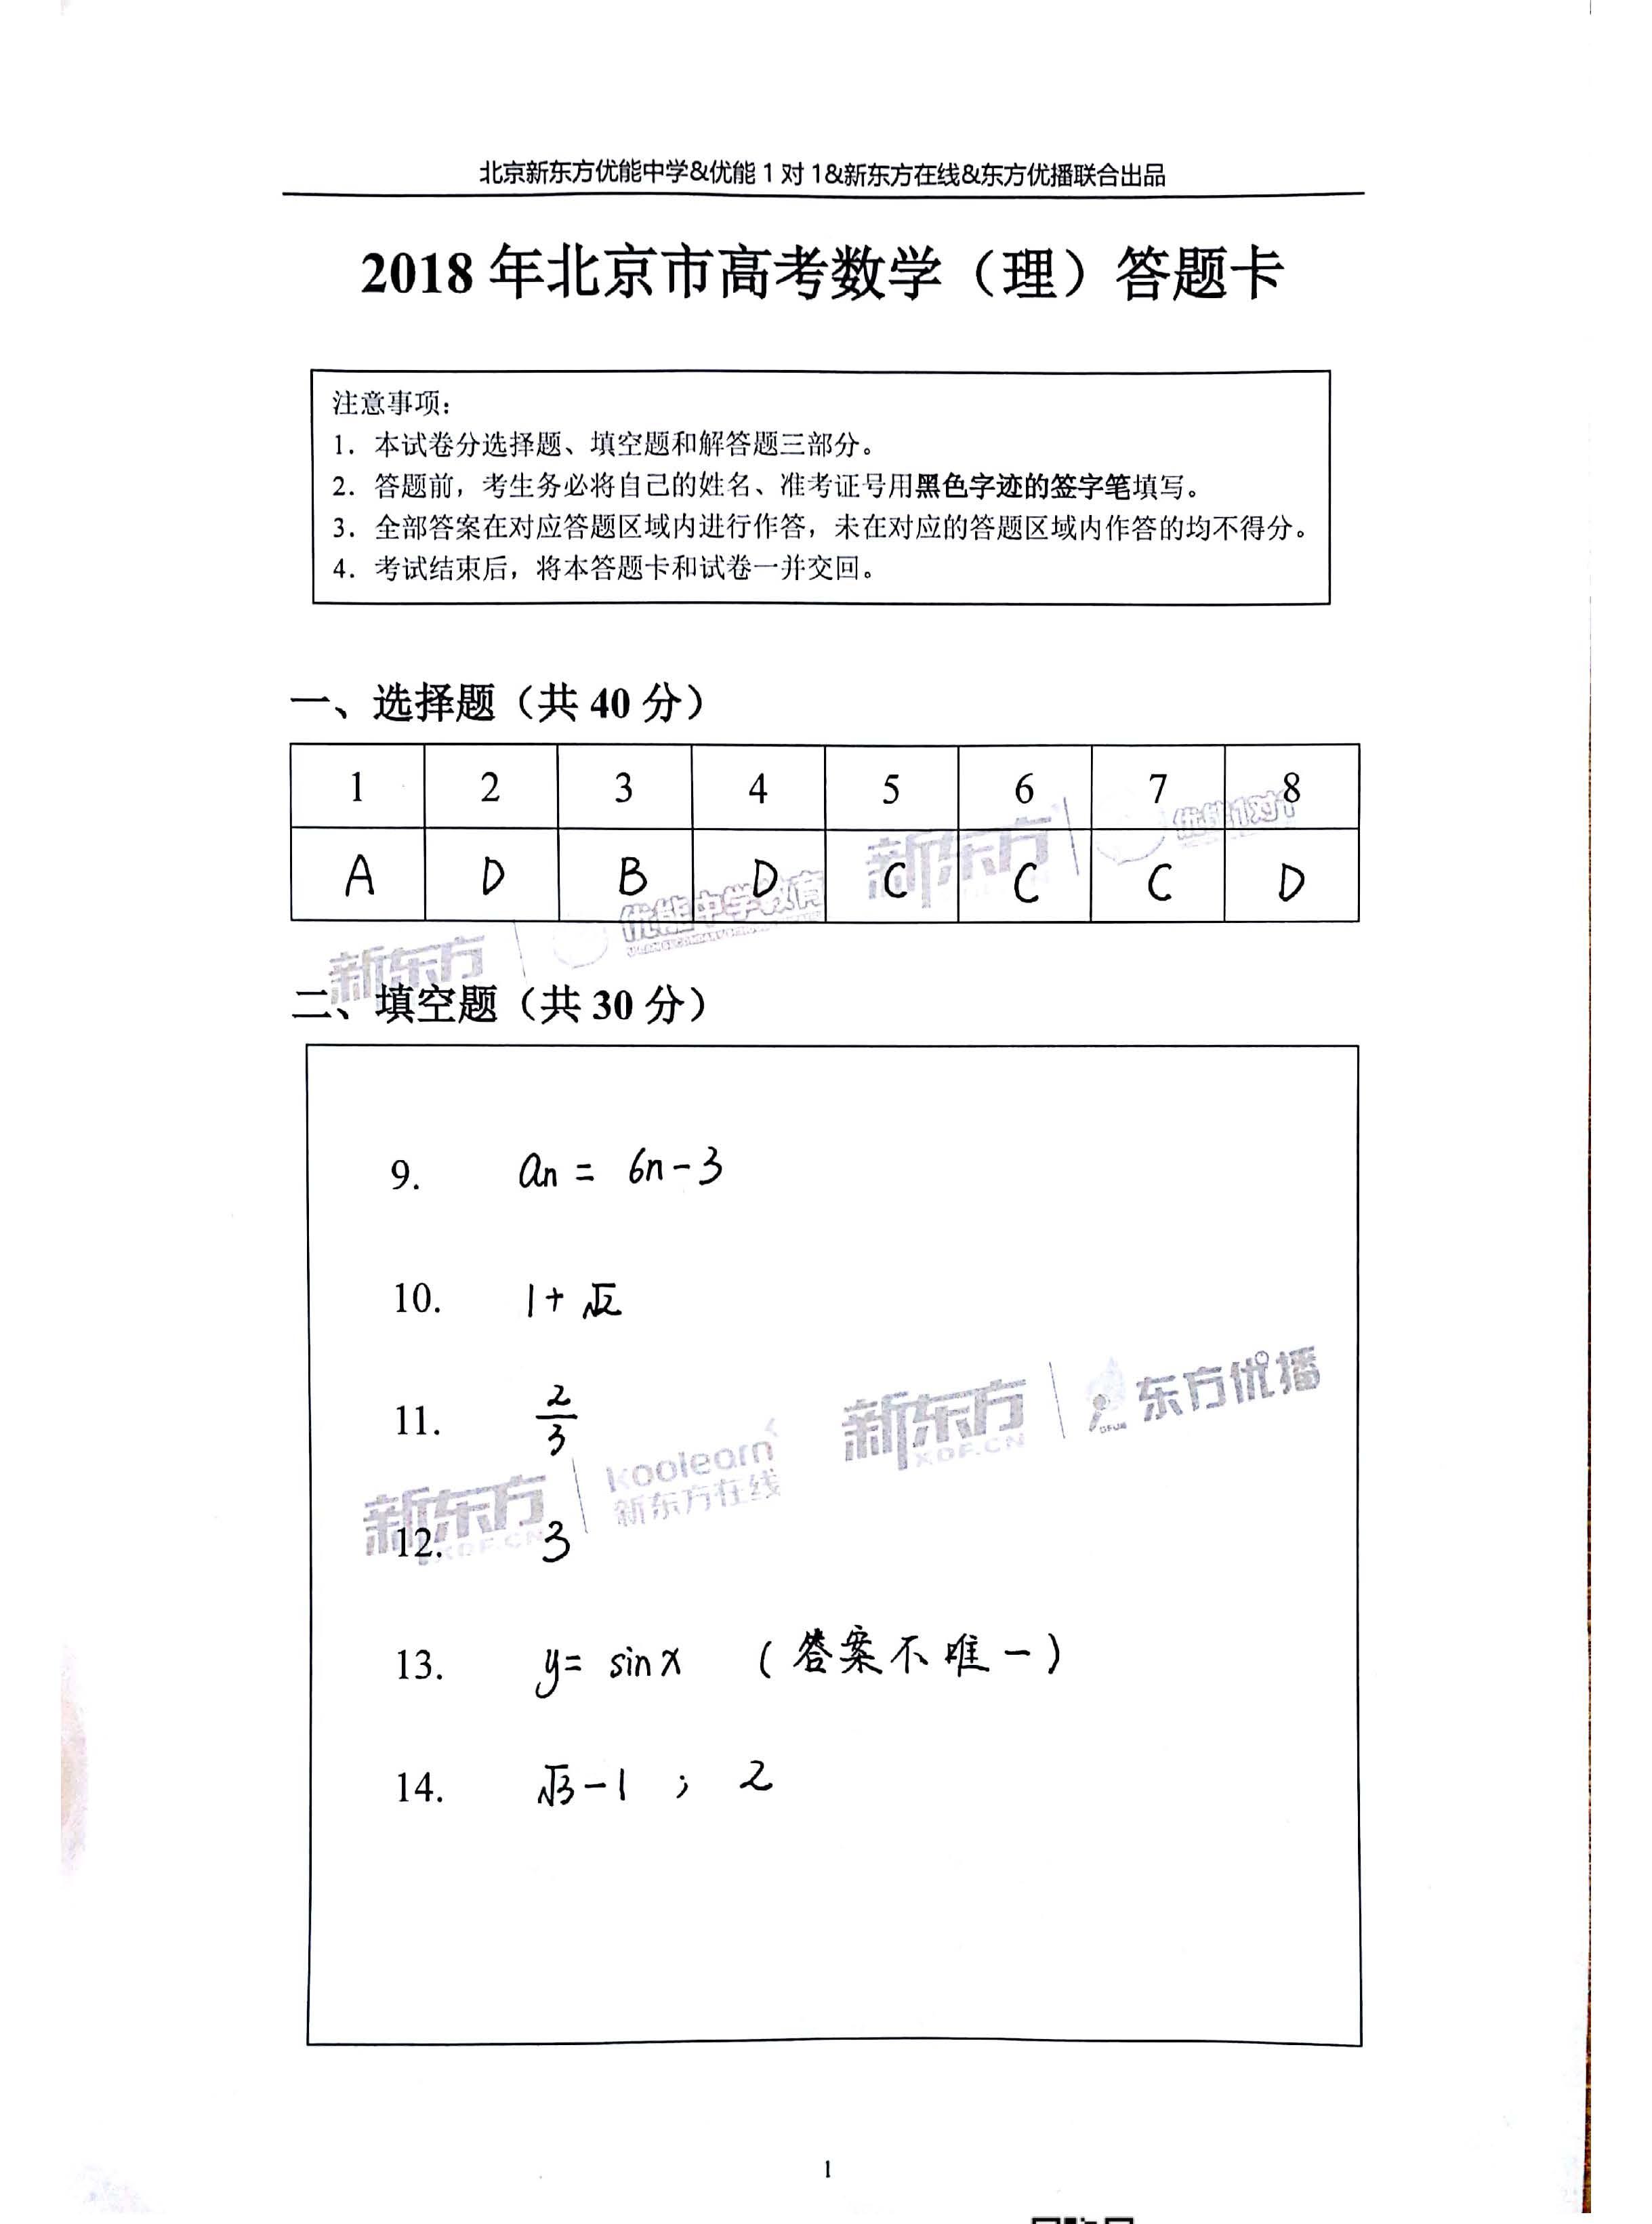 2018北京高考数学理试卷答案(新东方简版)